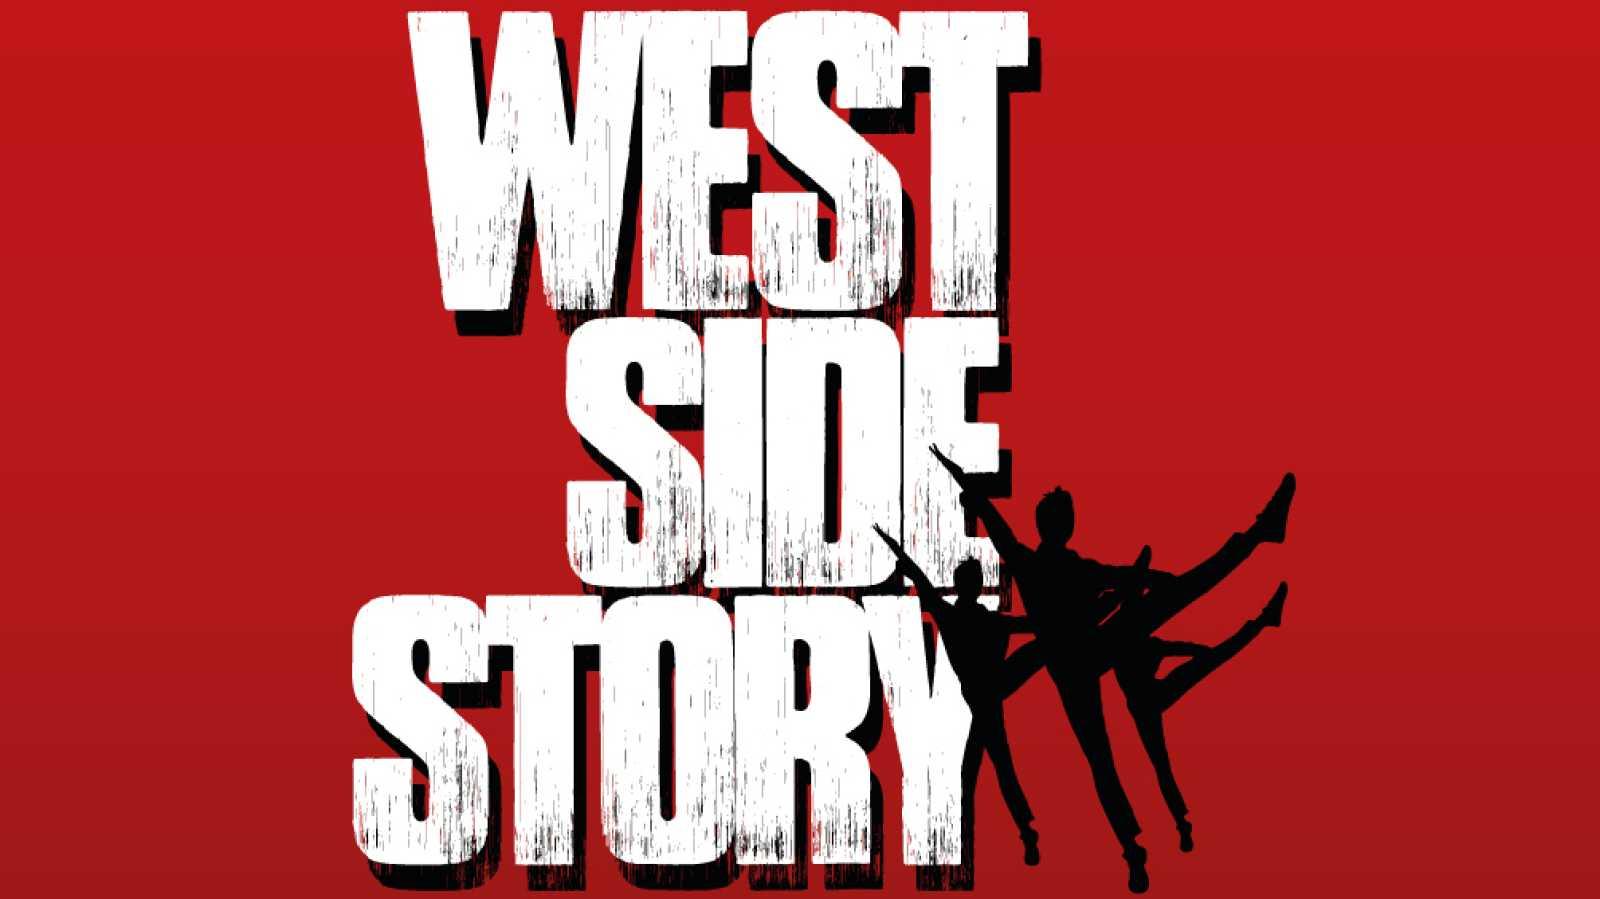 Música y significado - WEST SIDE STORY de Bernstein - 04/05/18 - ver ahora